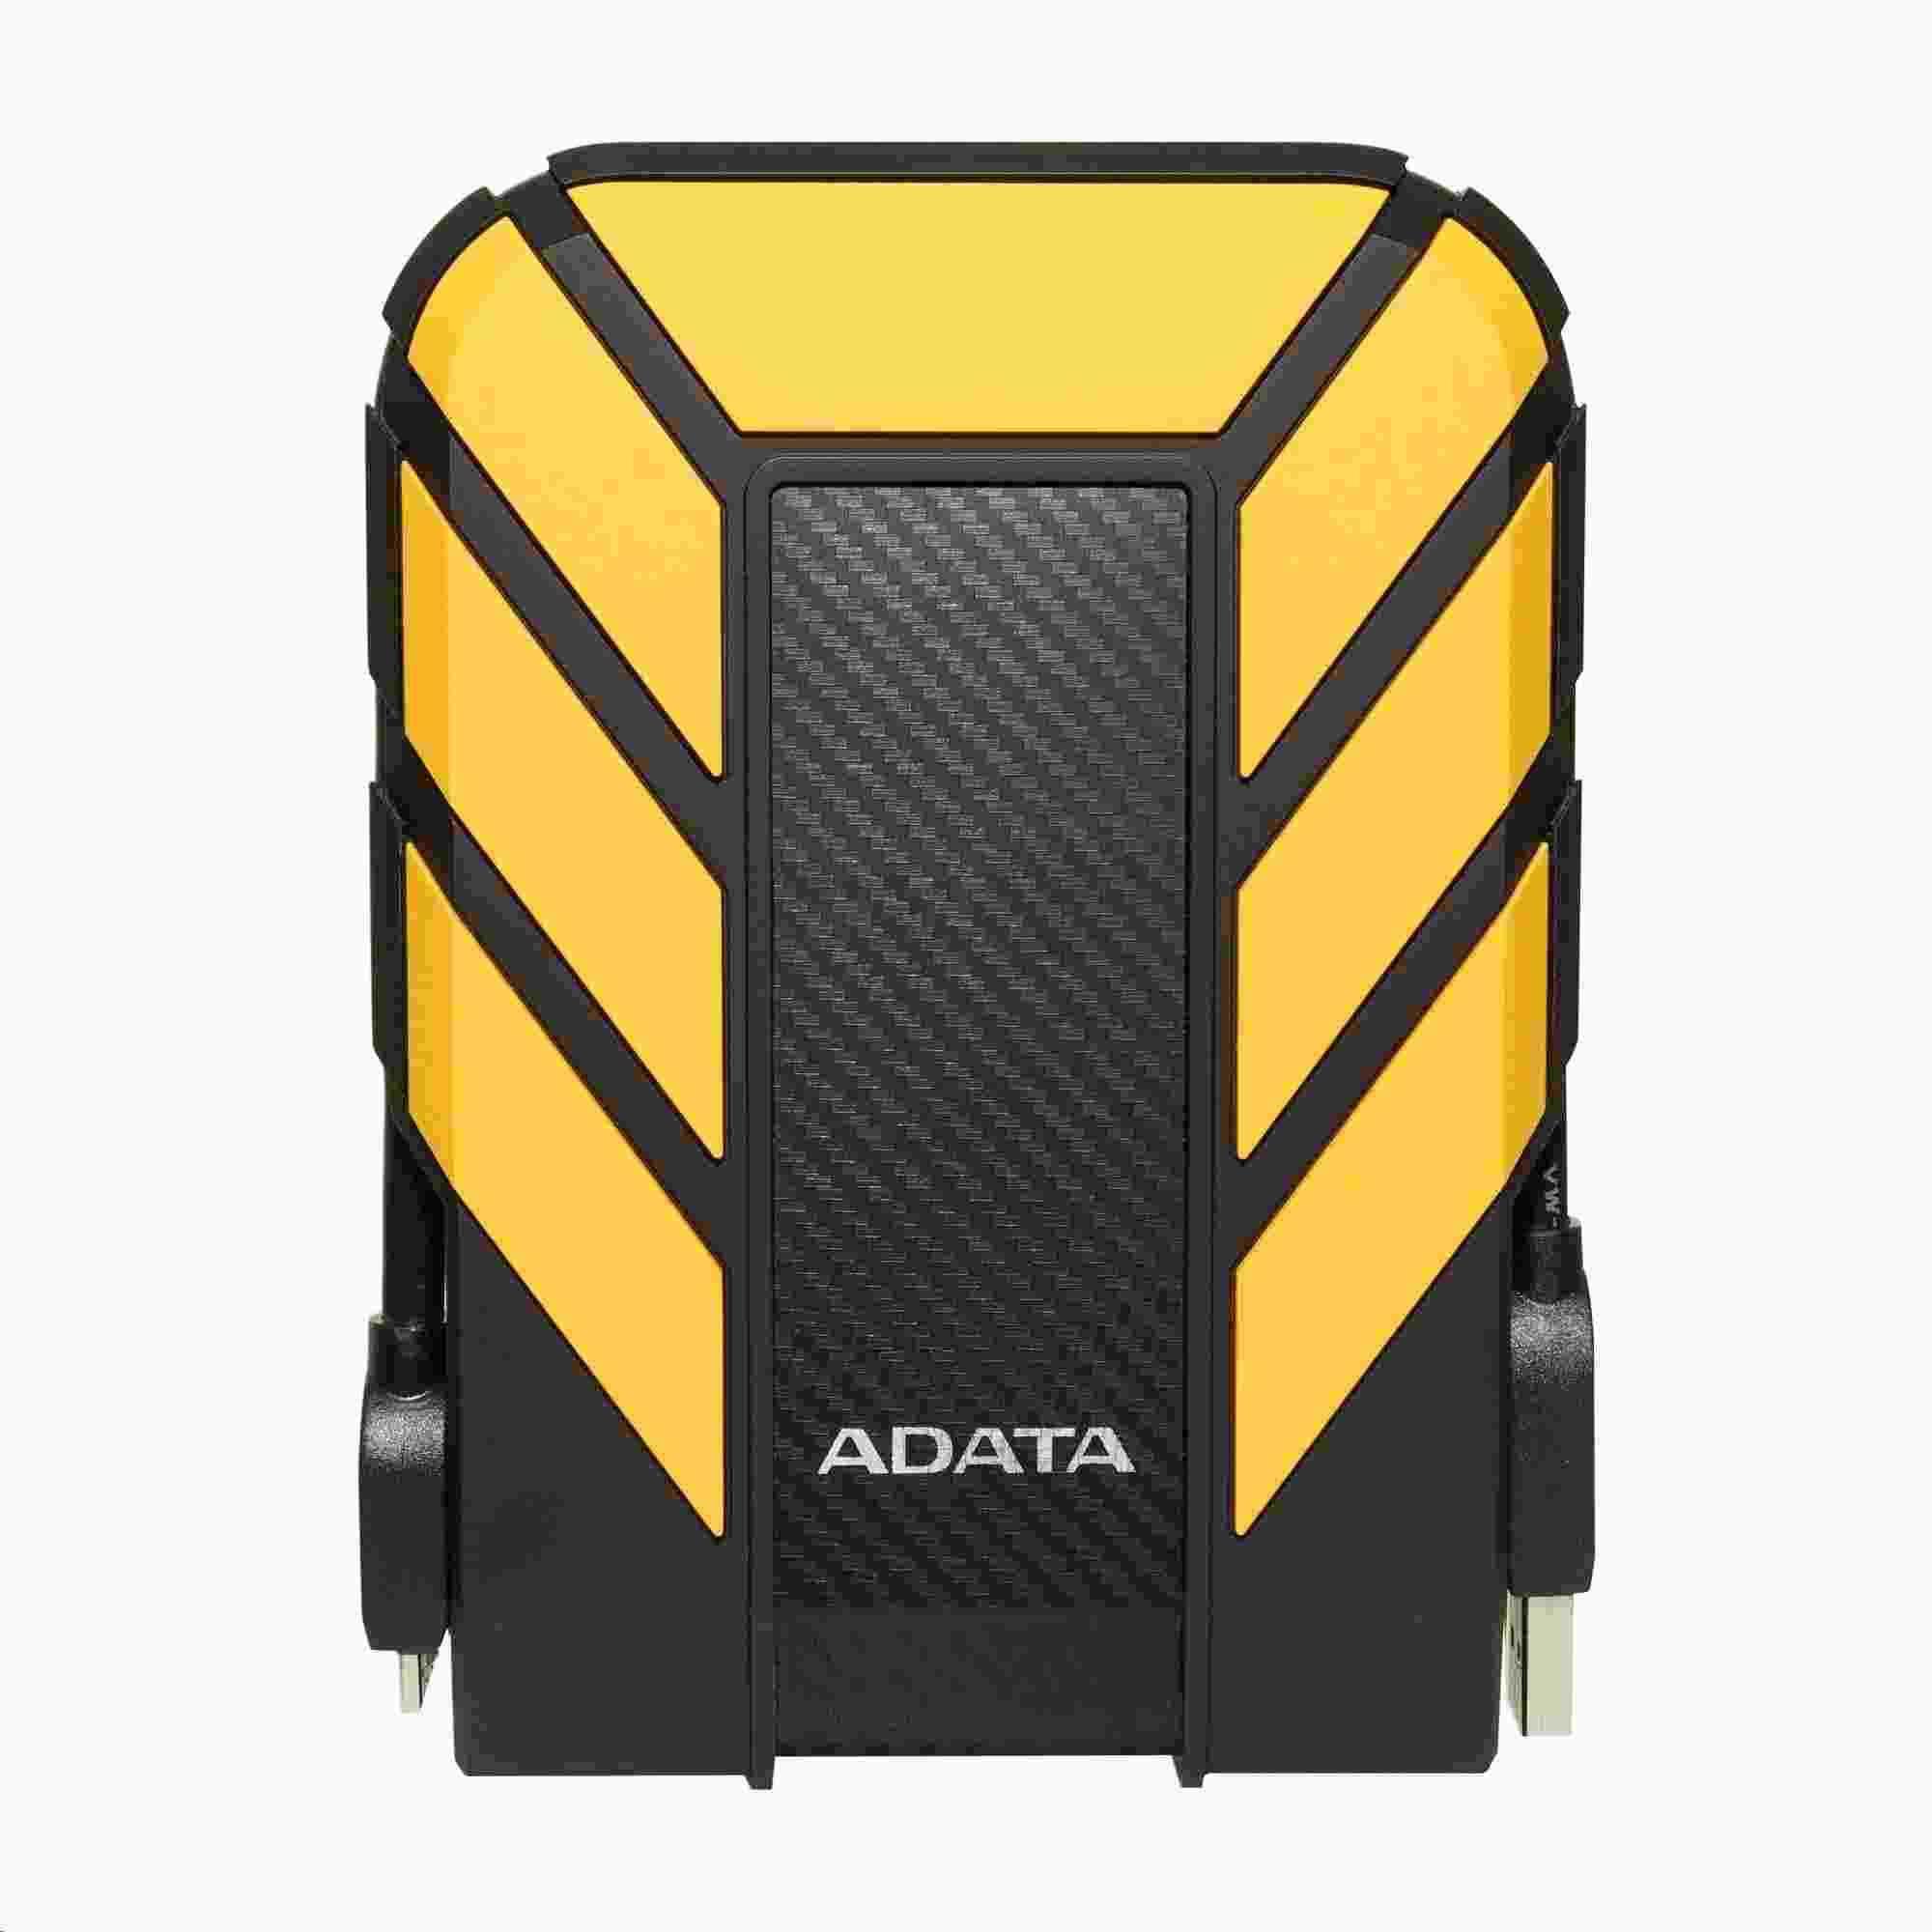 """ADATA Externí HDD 2TB 2,5"""" USB 3.1 HD710 Pro, žlutá (AHD710P-2TU31-CYL)"""